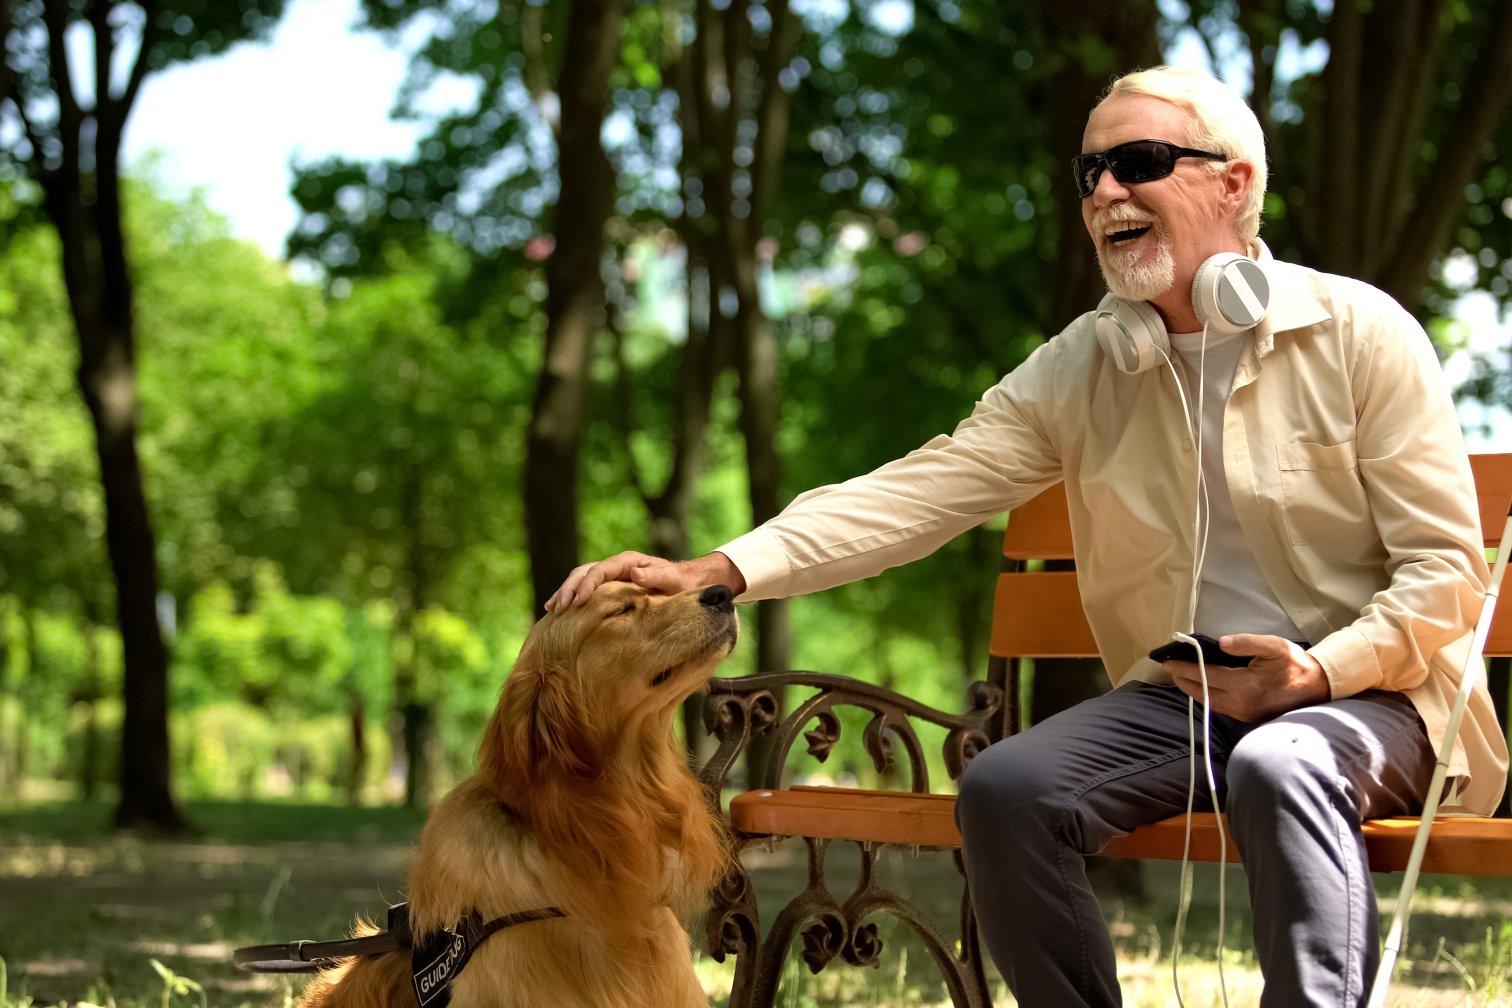 Mann mit Sehbehinderung und Assistenzhund